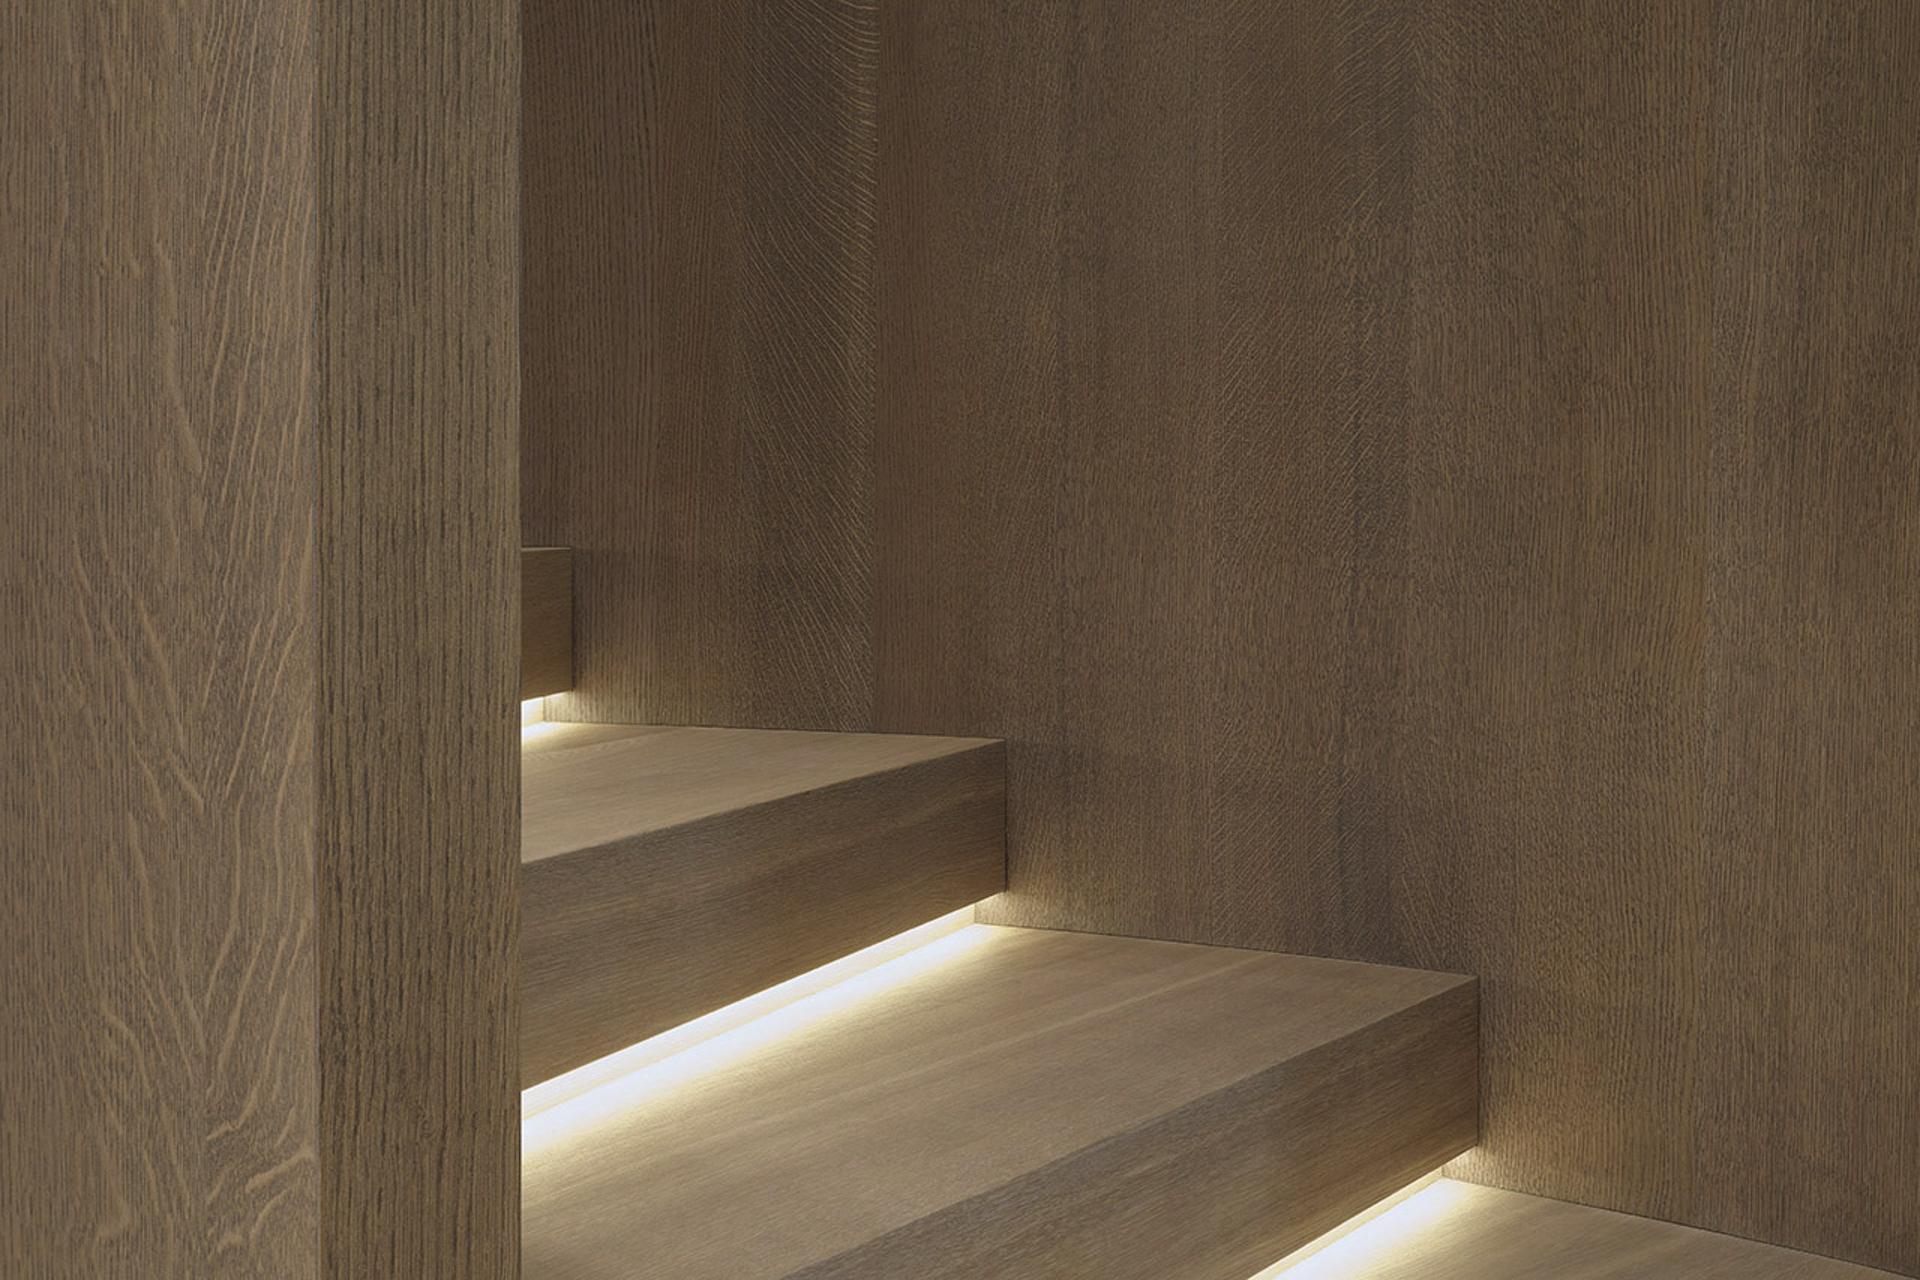 tischlerei-decker-UGW-Wendeltreppe-Beleuchtung-Stufen